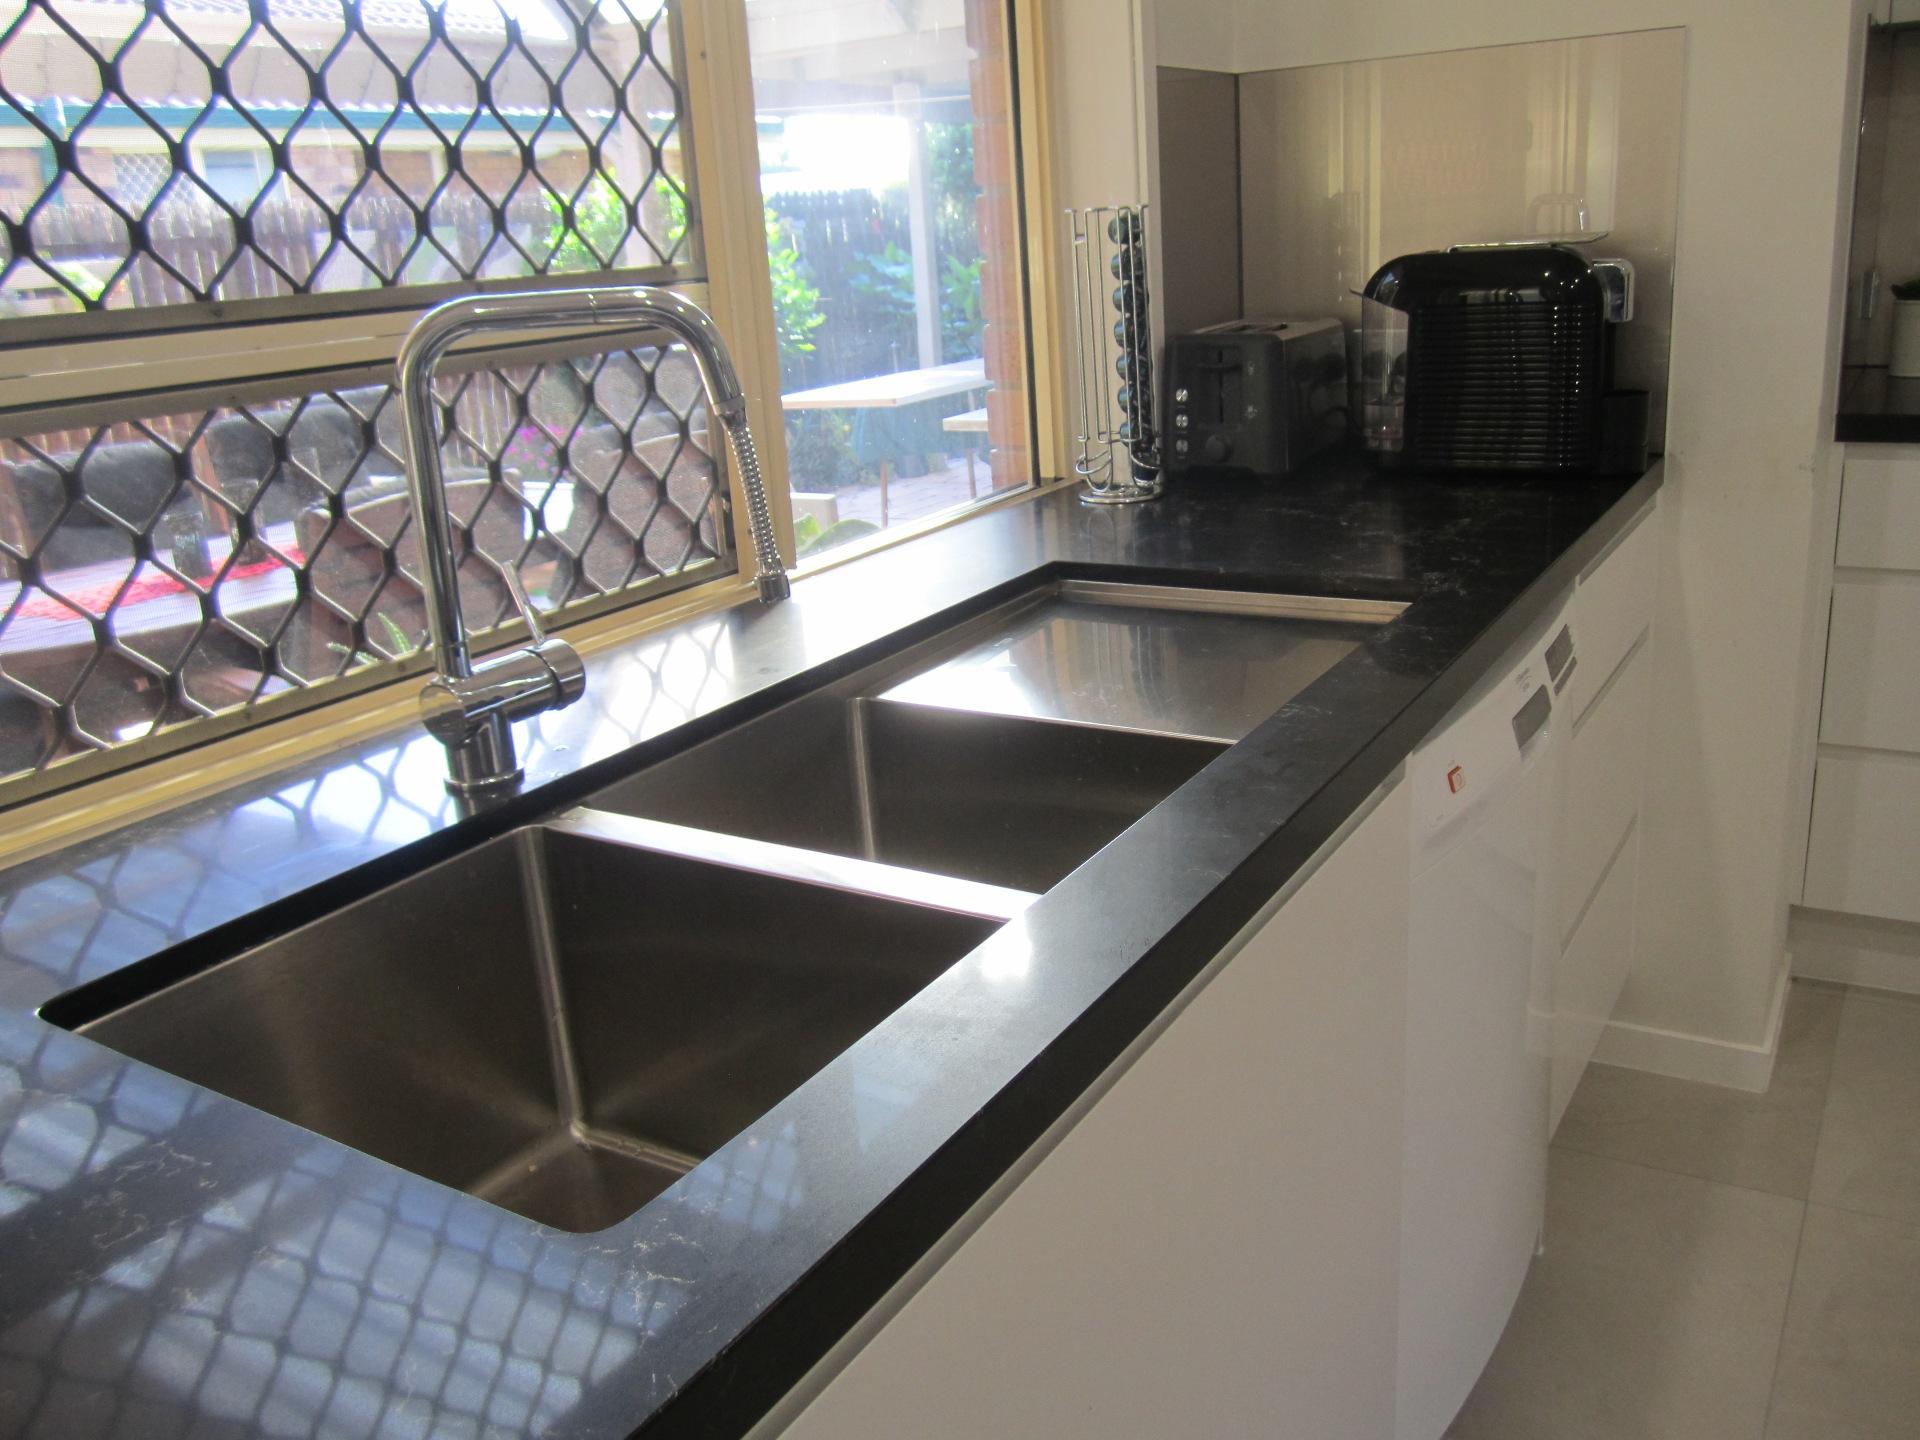 Brisbane Kitchen Design Contemporary Kitchen White 2 Pac Integrated Handles (4)